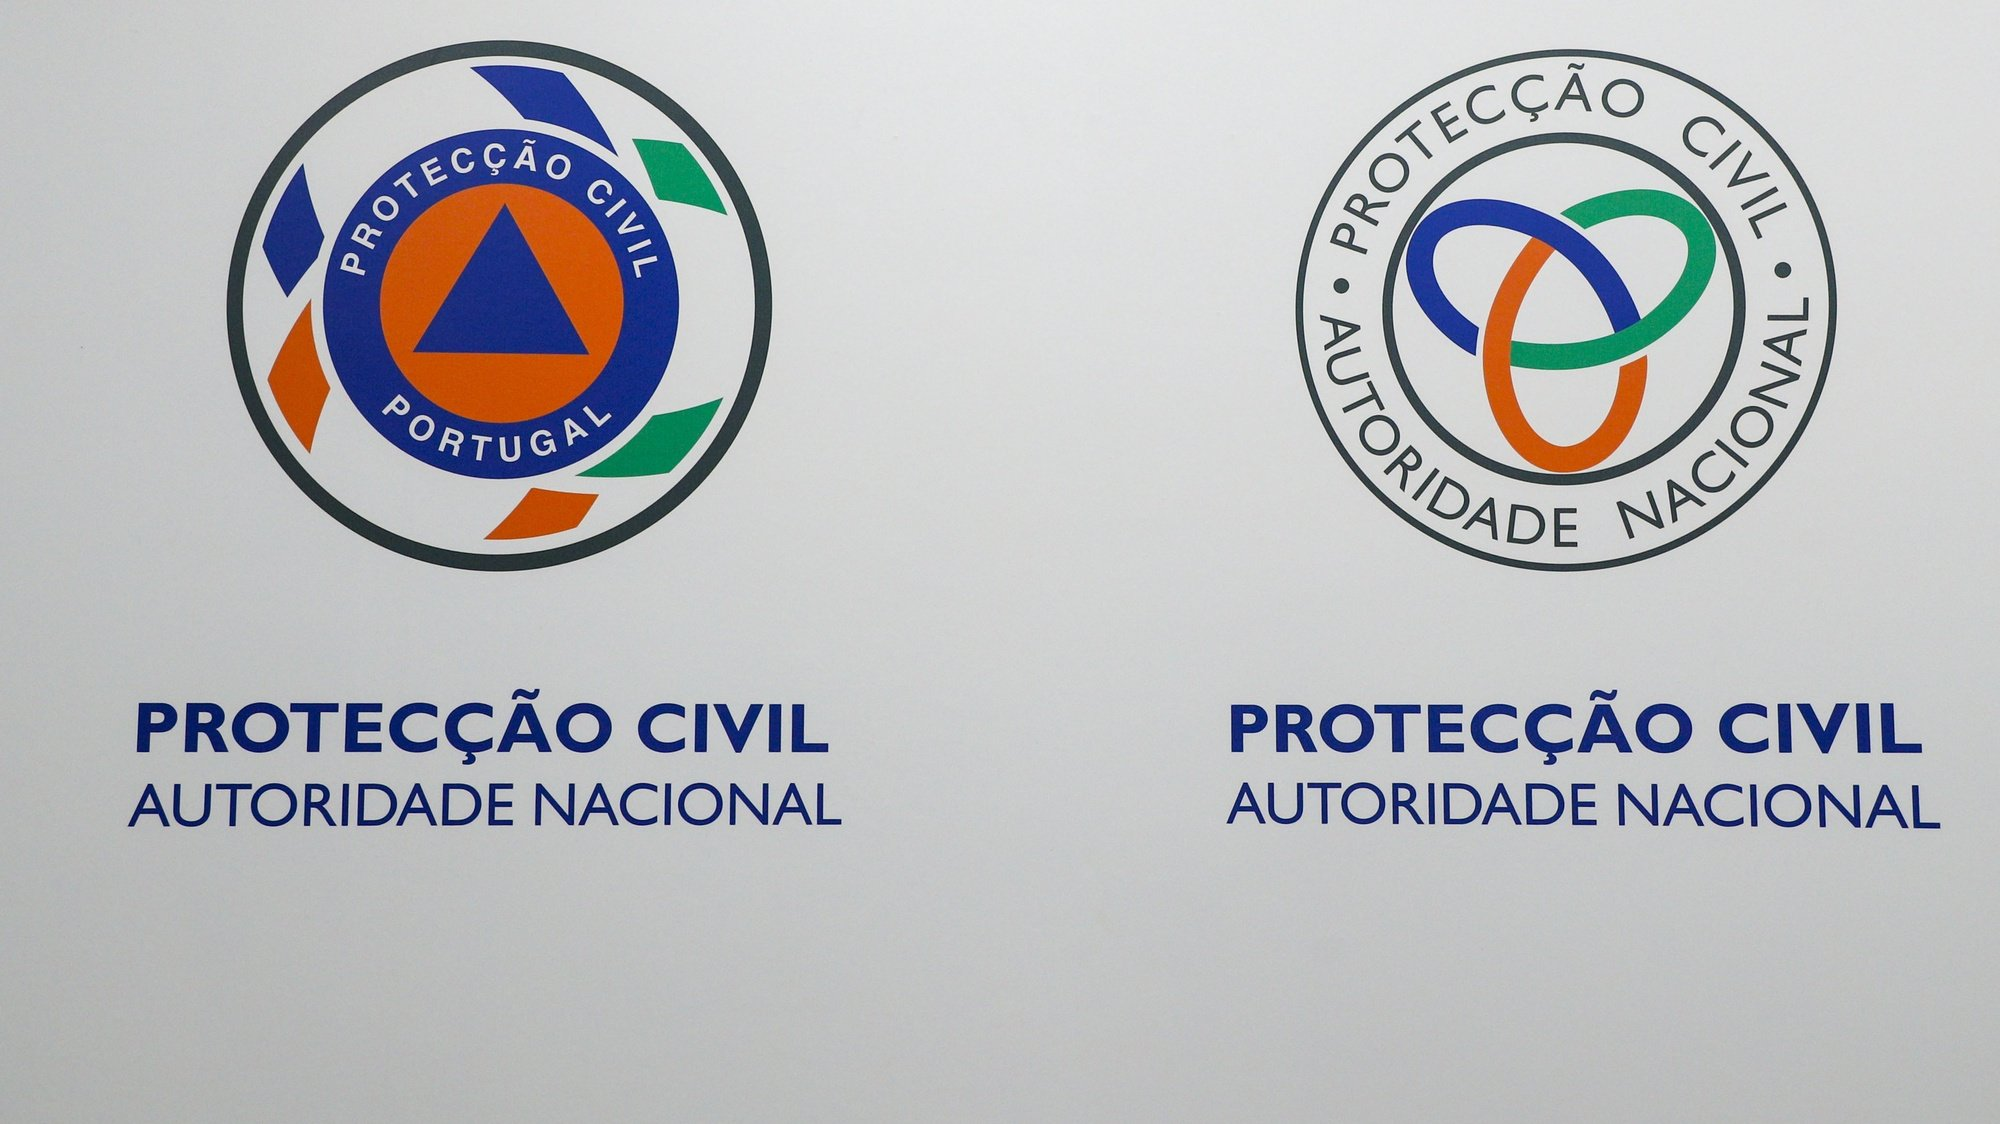 Logotipo da Protecção Civil, Carnaxide, 02 de outubro de 2019. ANTÓNIO COTRIM/LUSA